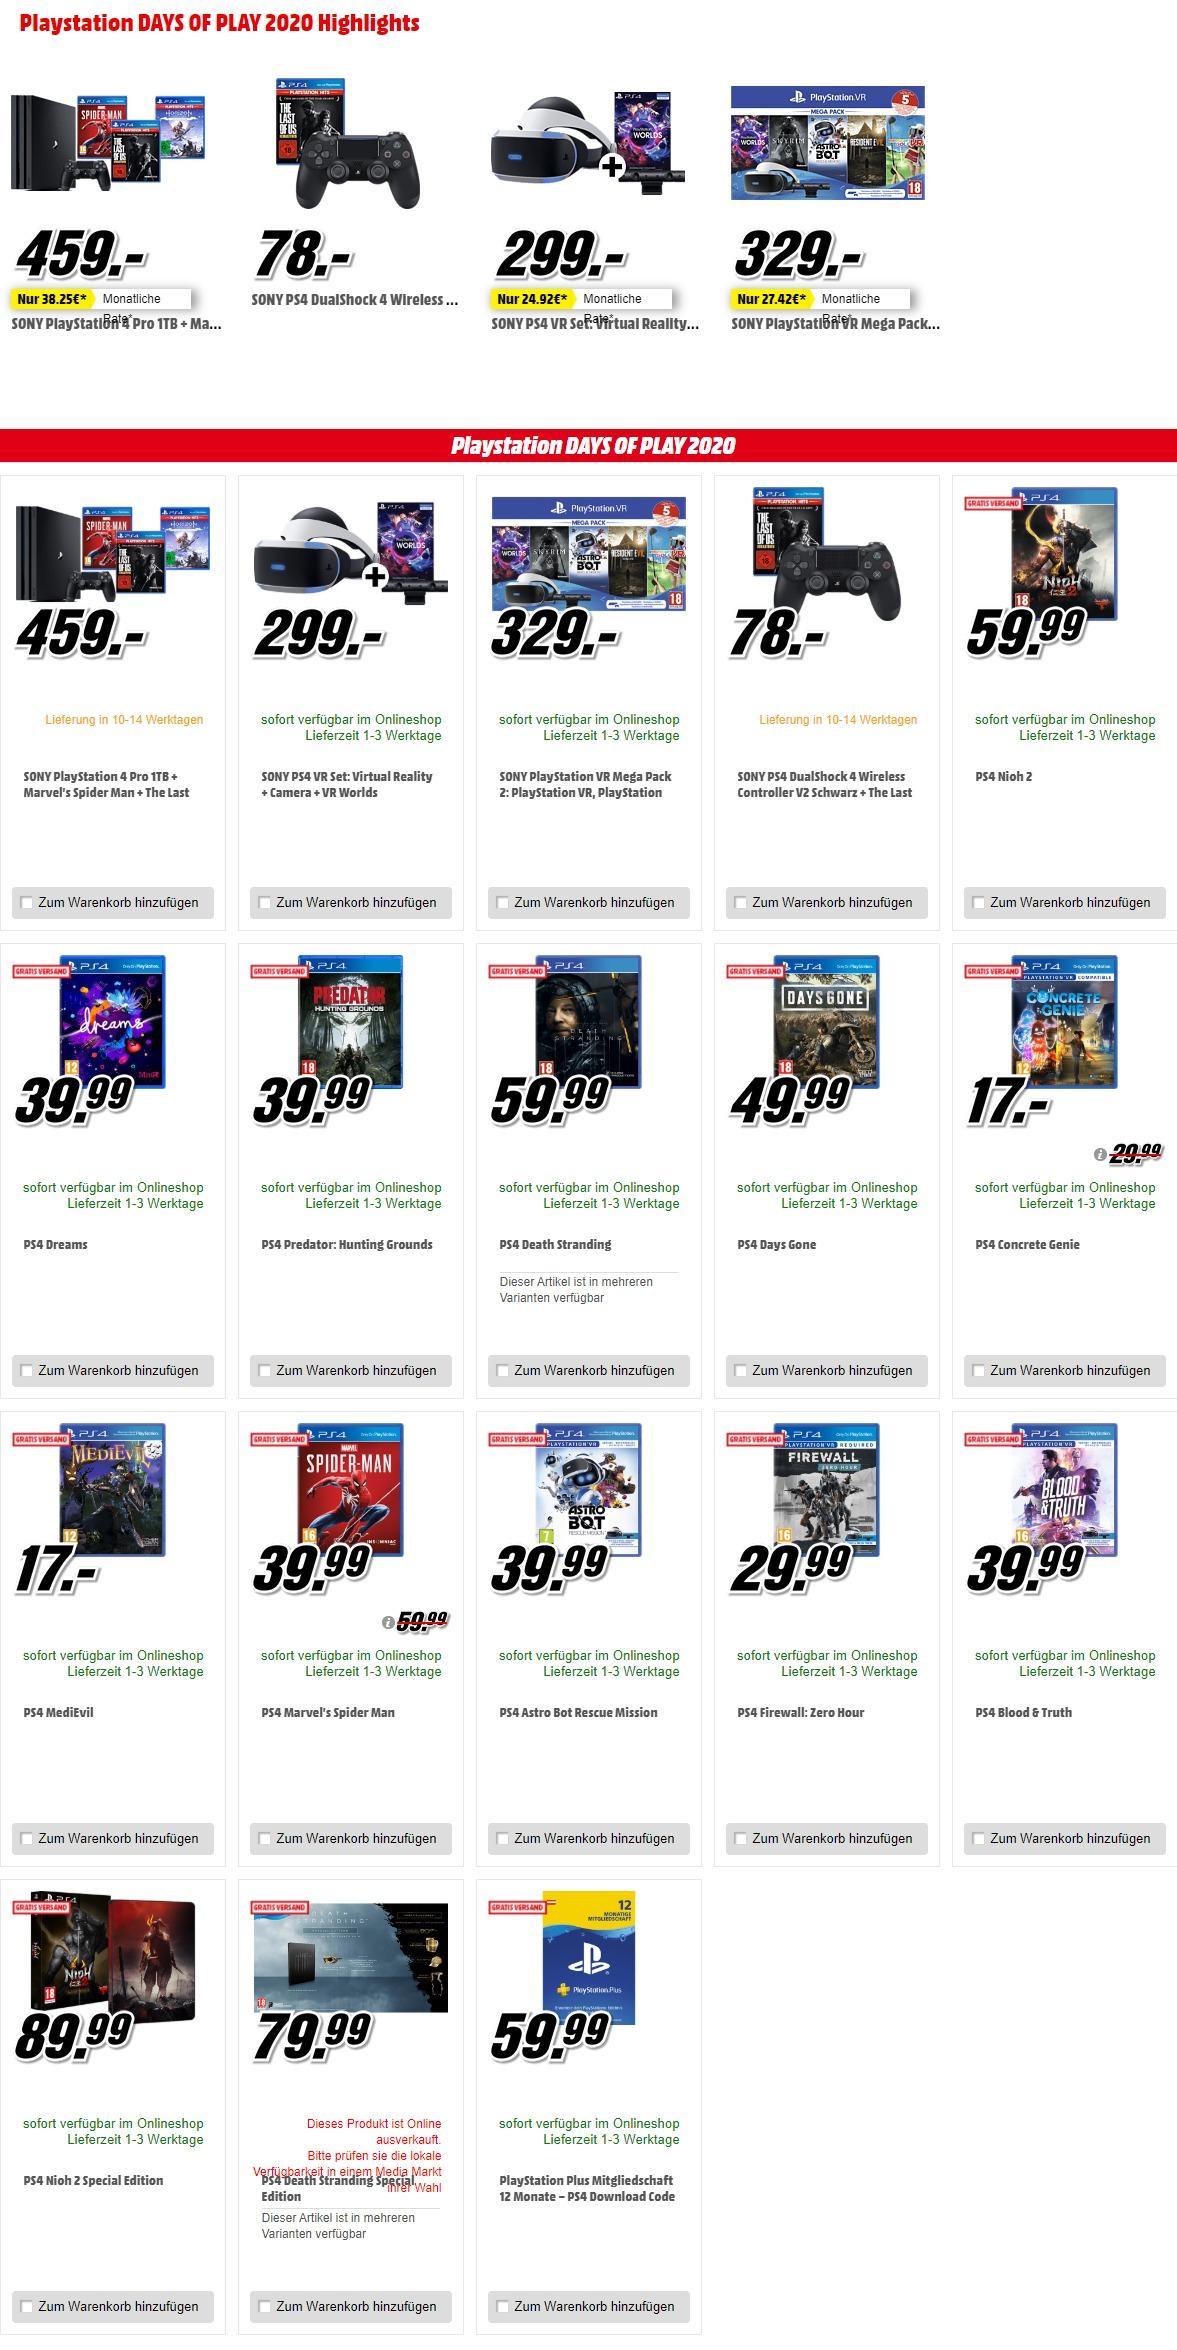 剁手准备!索尼2020年Days of Play或于5月25日开启